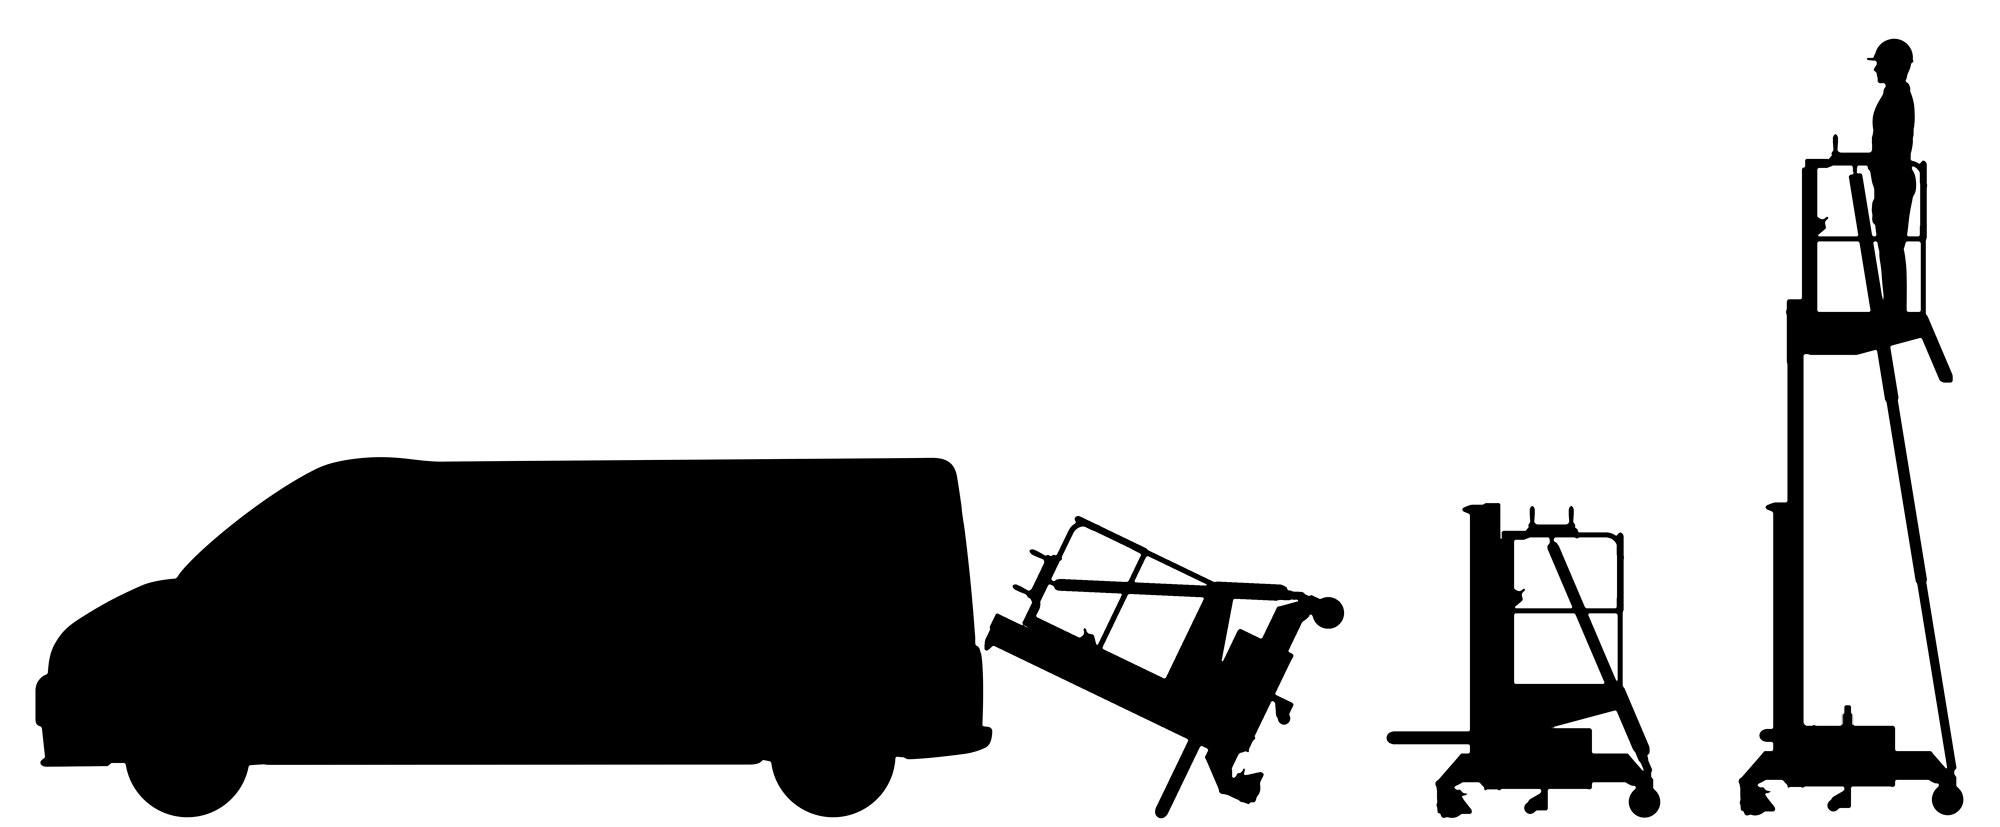 lifto5-musta.jpg